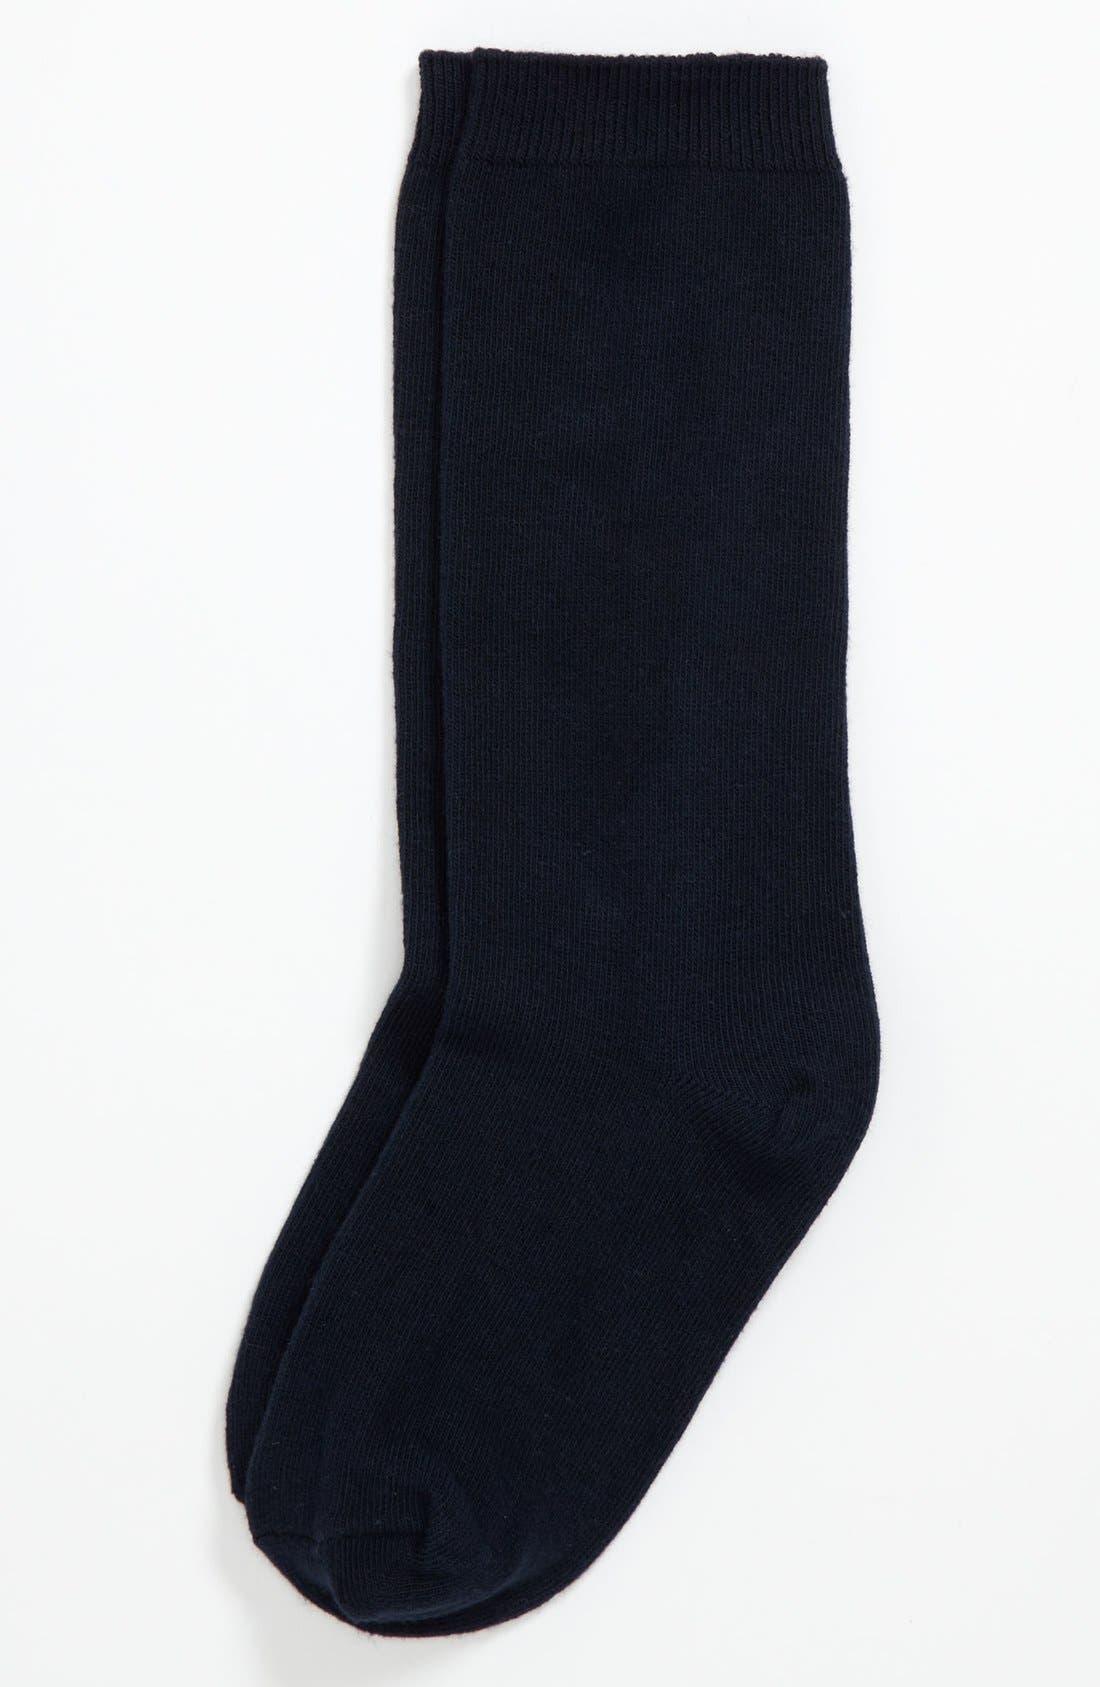 Main Image - Nordstrom Knee High Socks (2-Pack) (Little Girls & Big Girls)